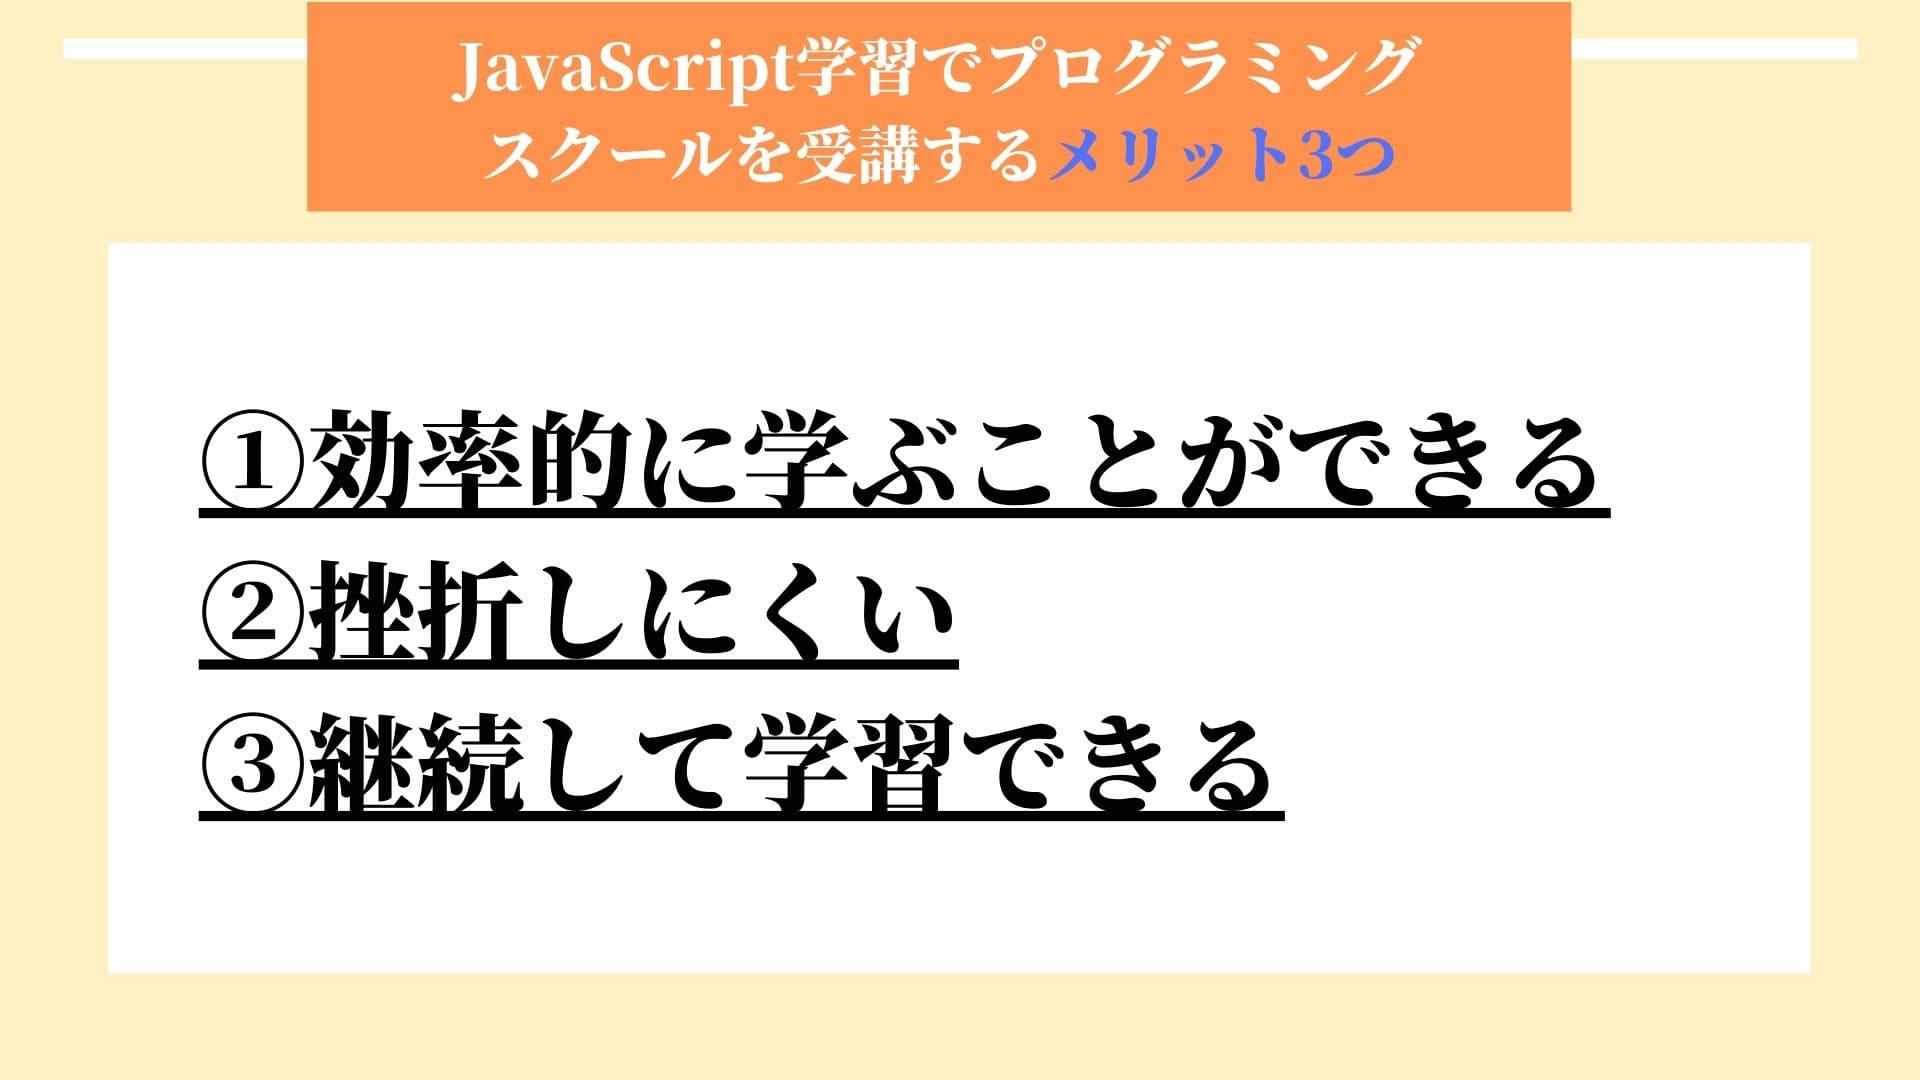 JavaScript プログラミングスクール メリット